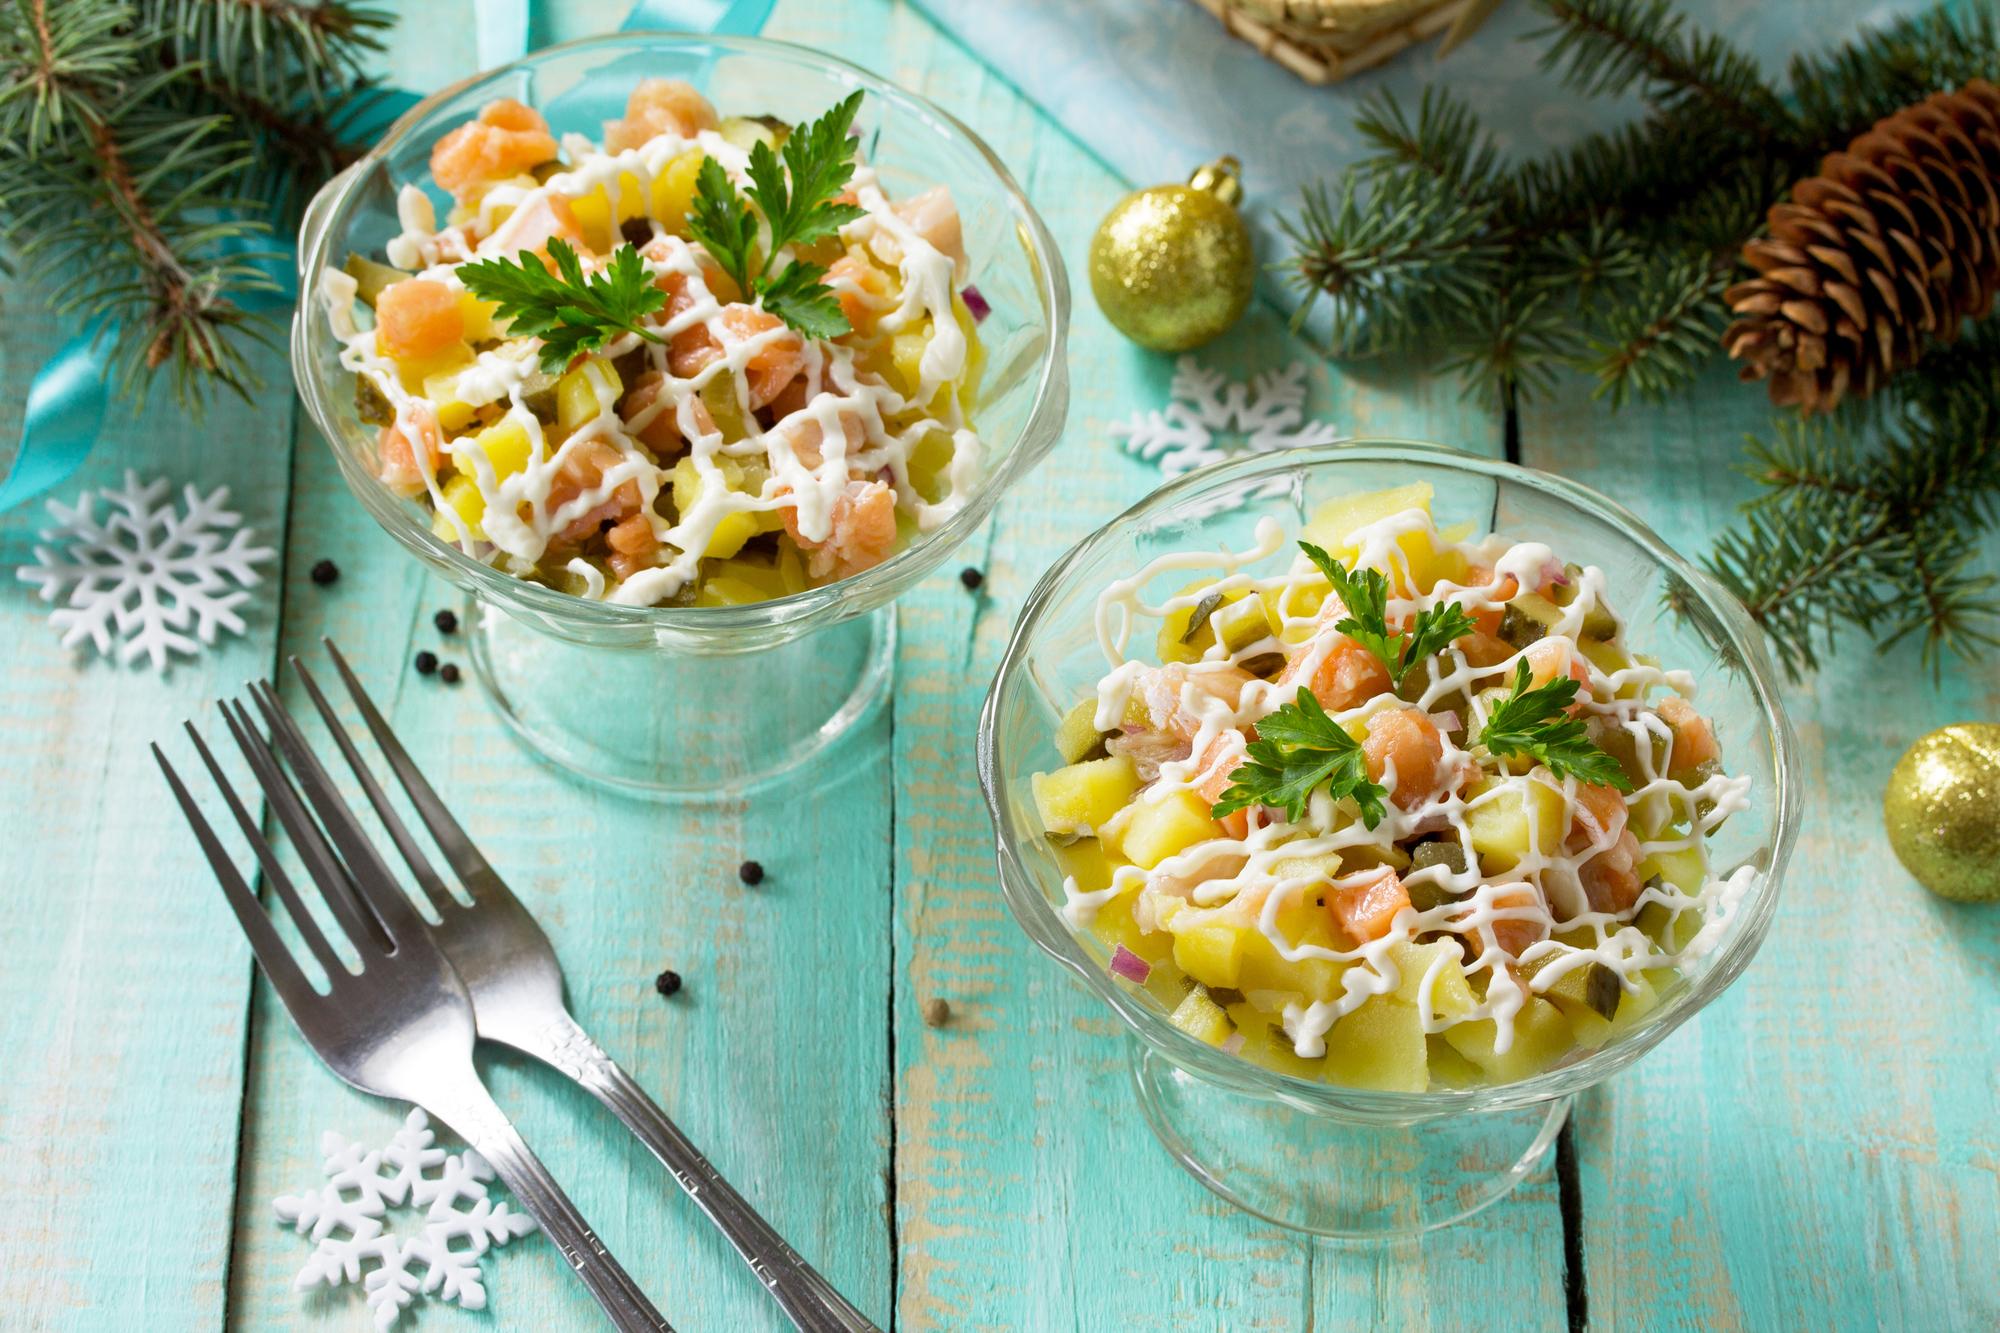 Салат с семгой, картофелем и солеными огурцами